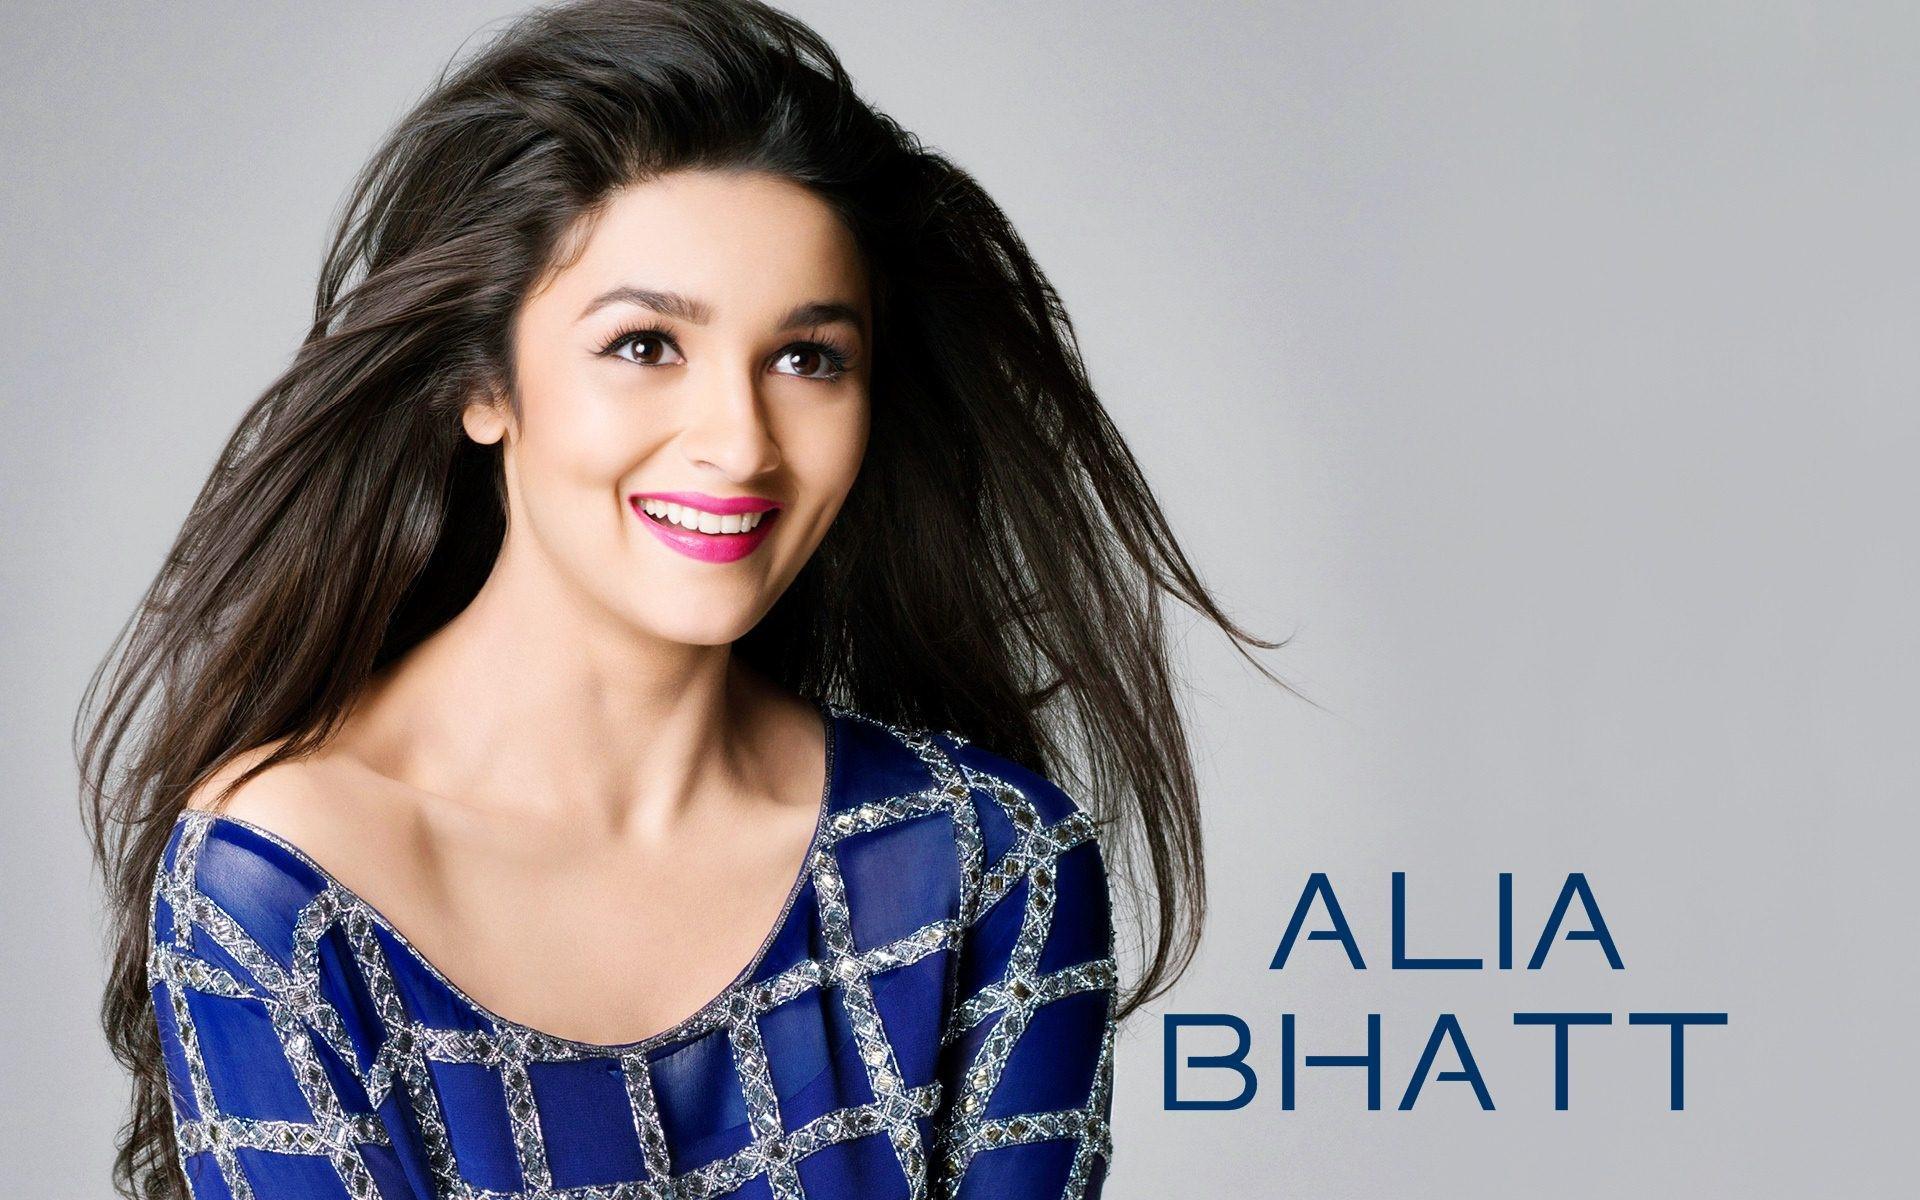 alia-bhatt-wallpaper-24